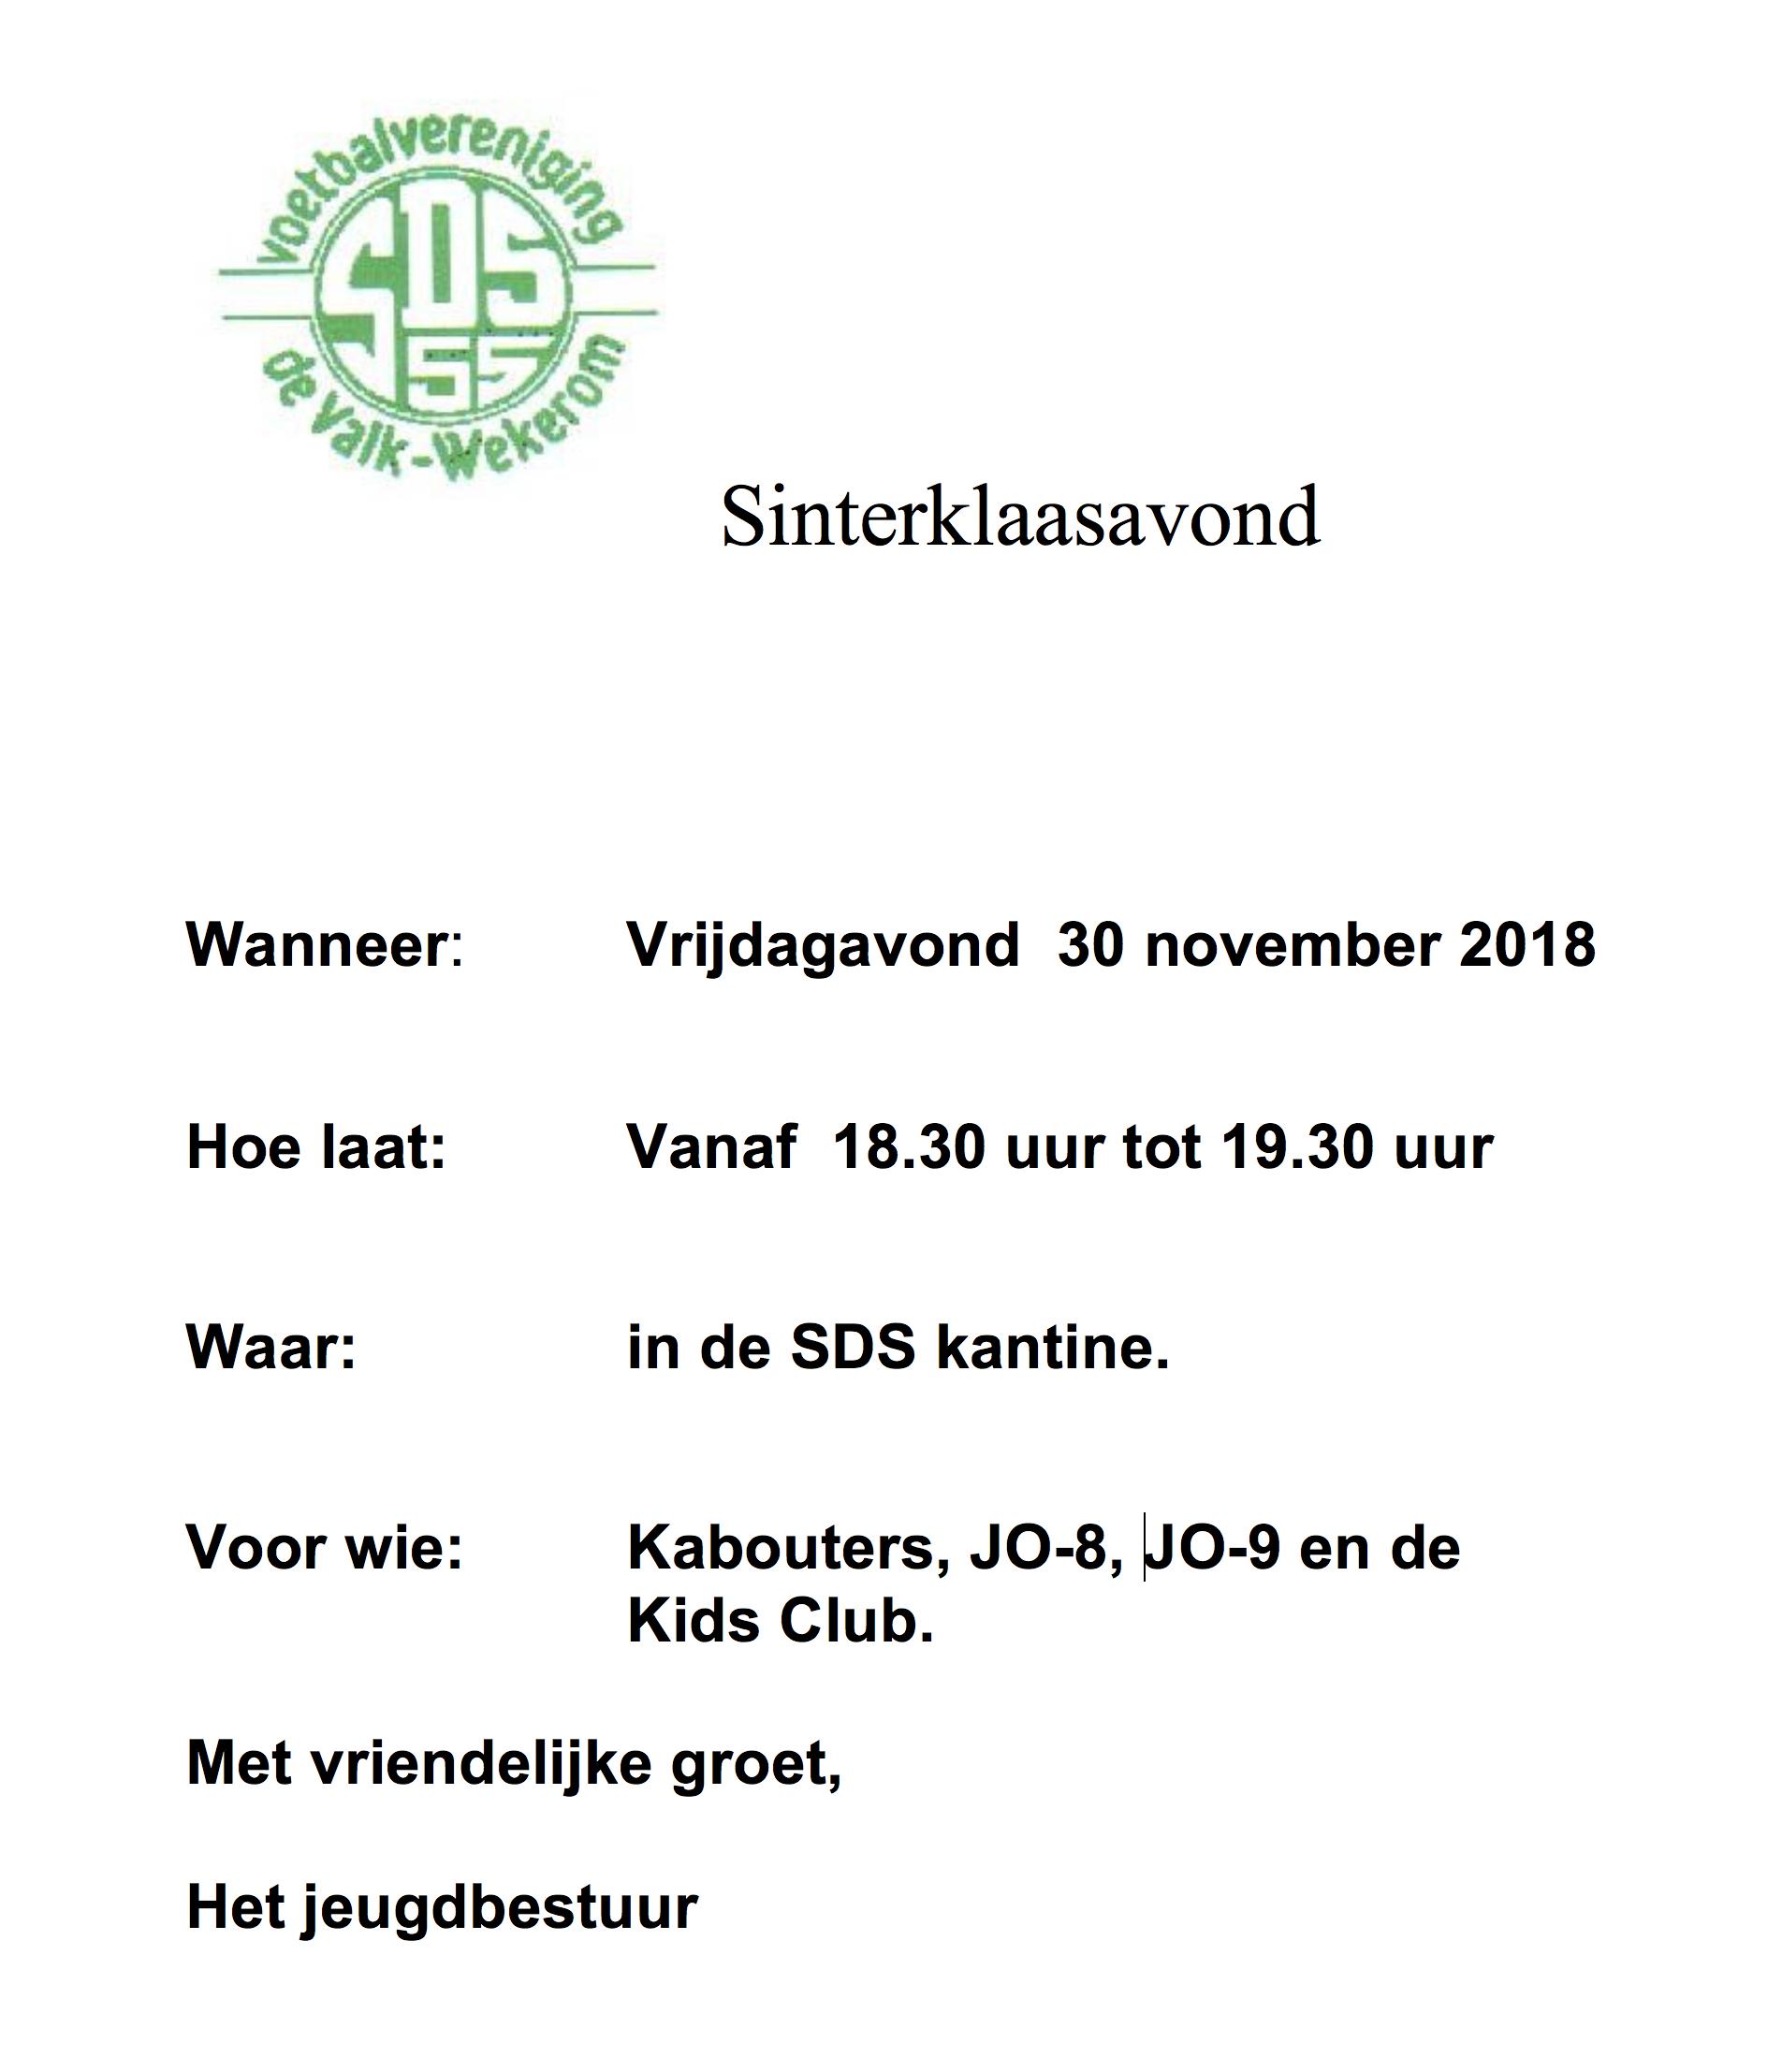 uitnodiging2018sint